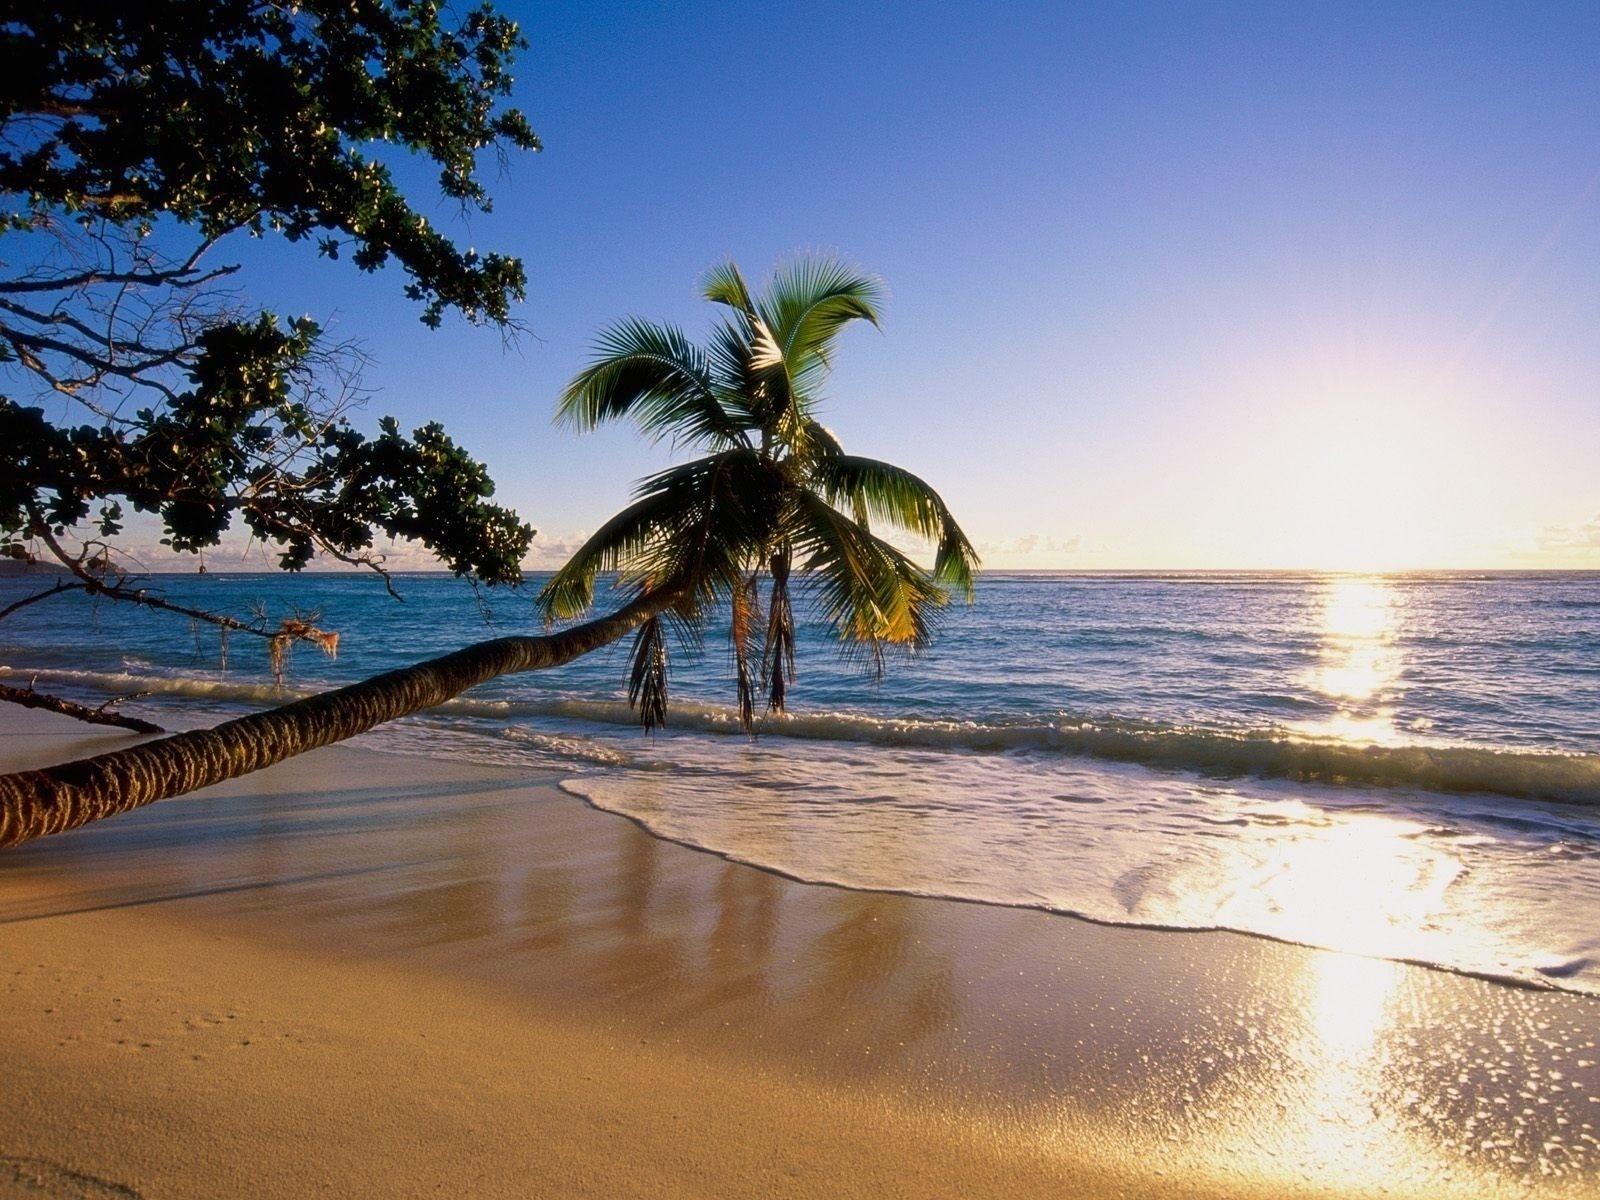 26054 скачать обои Пейзаж, Море, Солнце, Пляж, Пальмы - заставки и картинки бесплатно